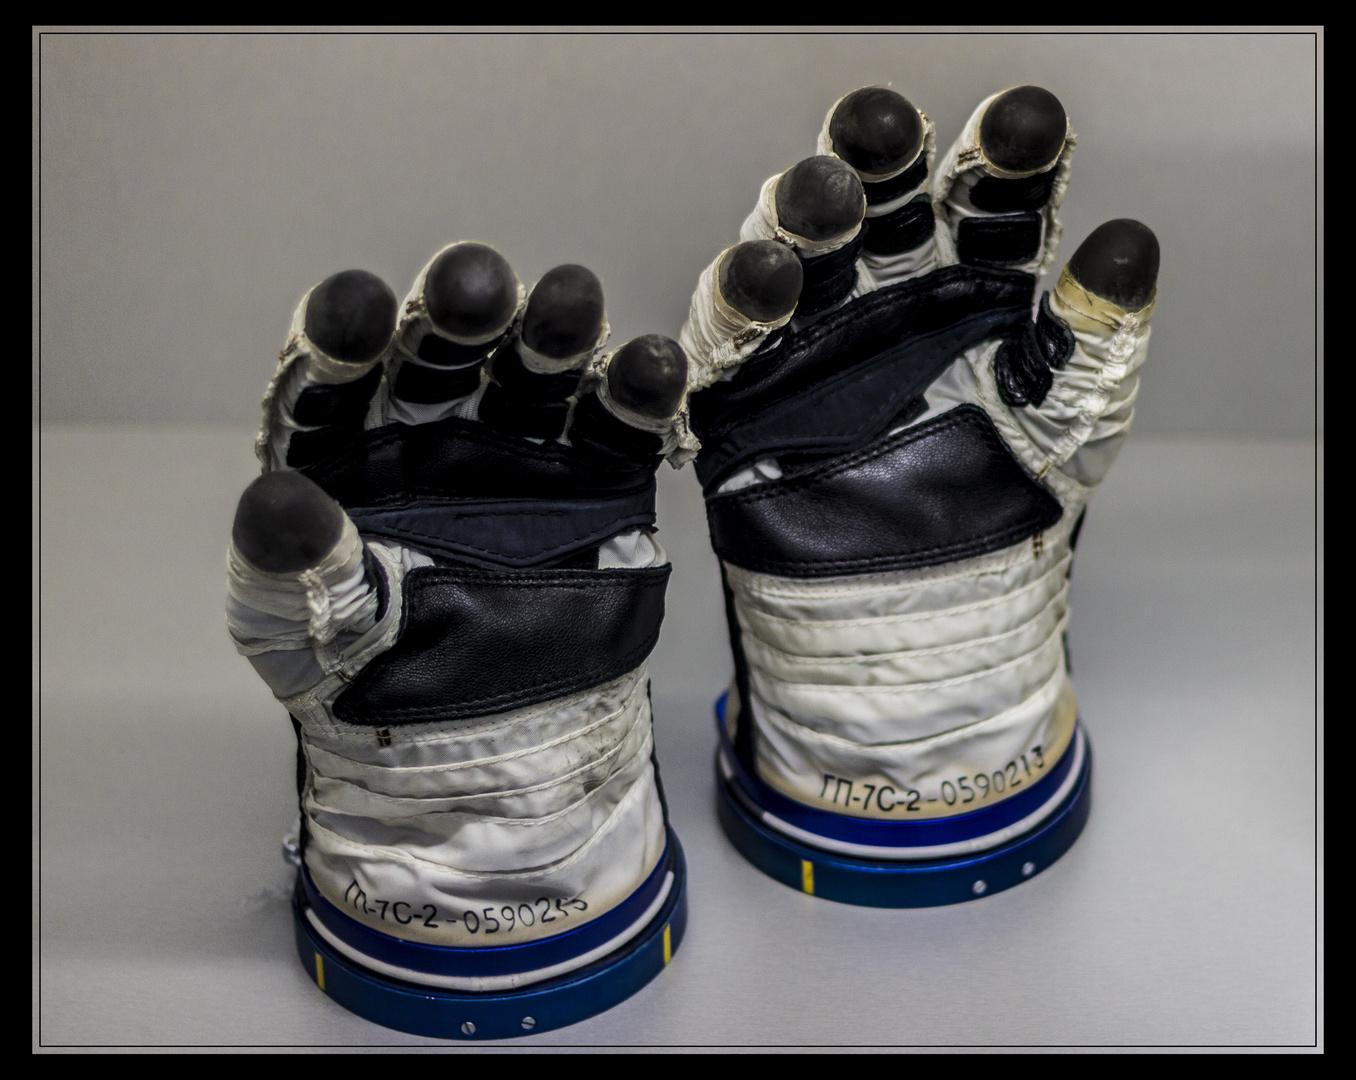 Handschuhe eines Astronauten